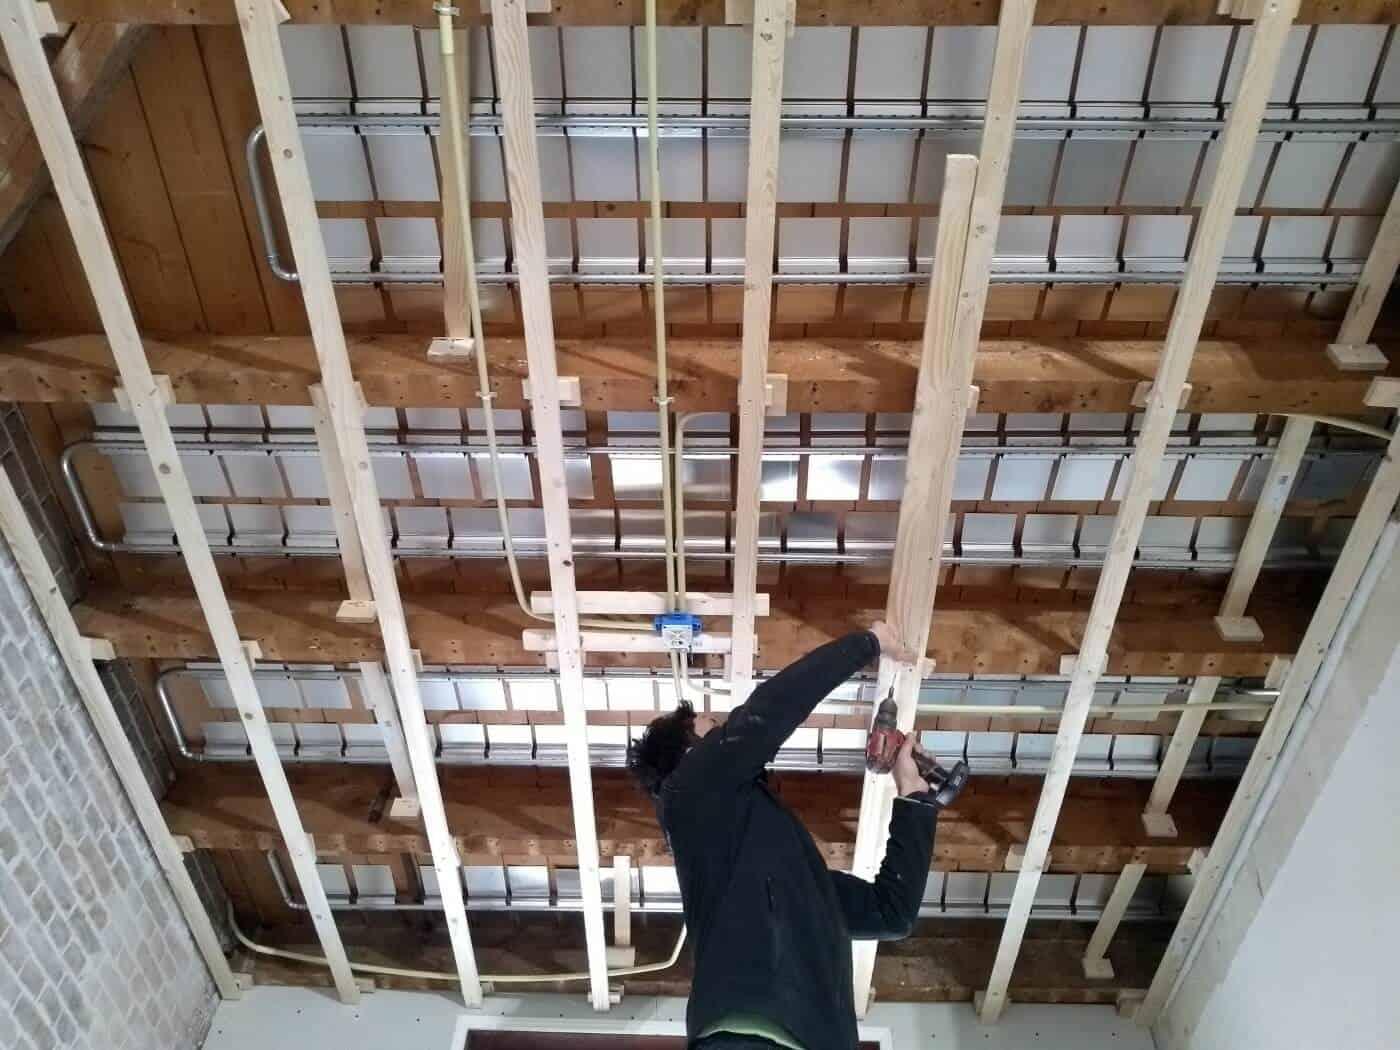 Deria vloerverwarmingssyteem verdiepingsvloer (van onder gemonteerd) verbouwing Den Haag